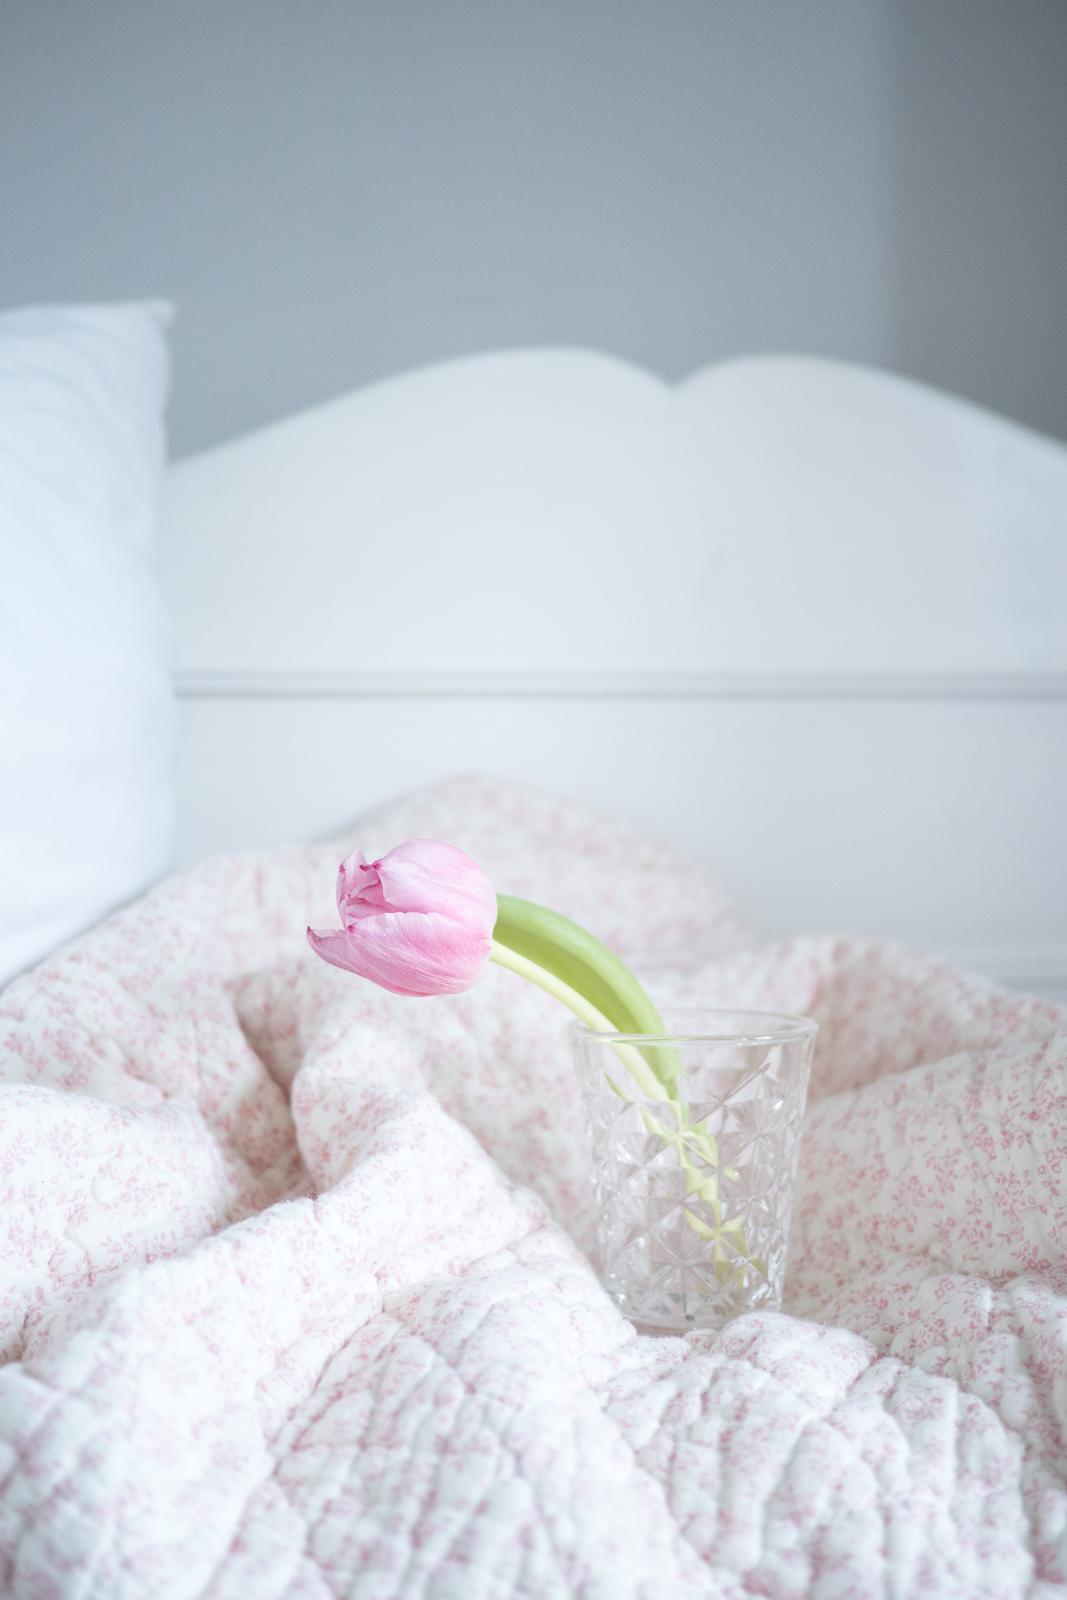 Opäť jeden rozhovor o našom bývaní. Tentoraz sa skutočne vydaril a nájdete ho tu: https://atmosfera.bellarose.sk/na-navsteve-u-prairie-charm-dokonala-biela-s-prvkami-vintage-a-chic-francuzskeho-stylu/ - Obrázok č. 1